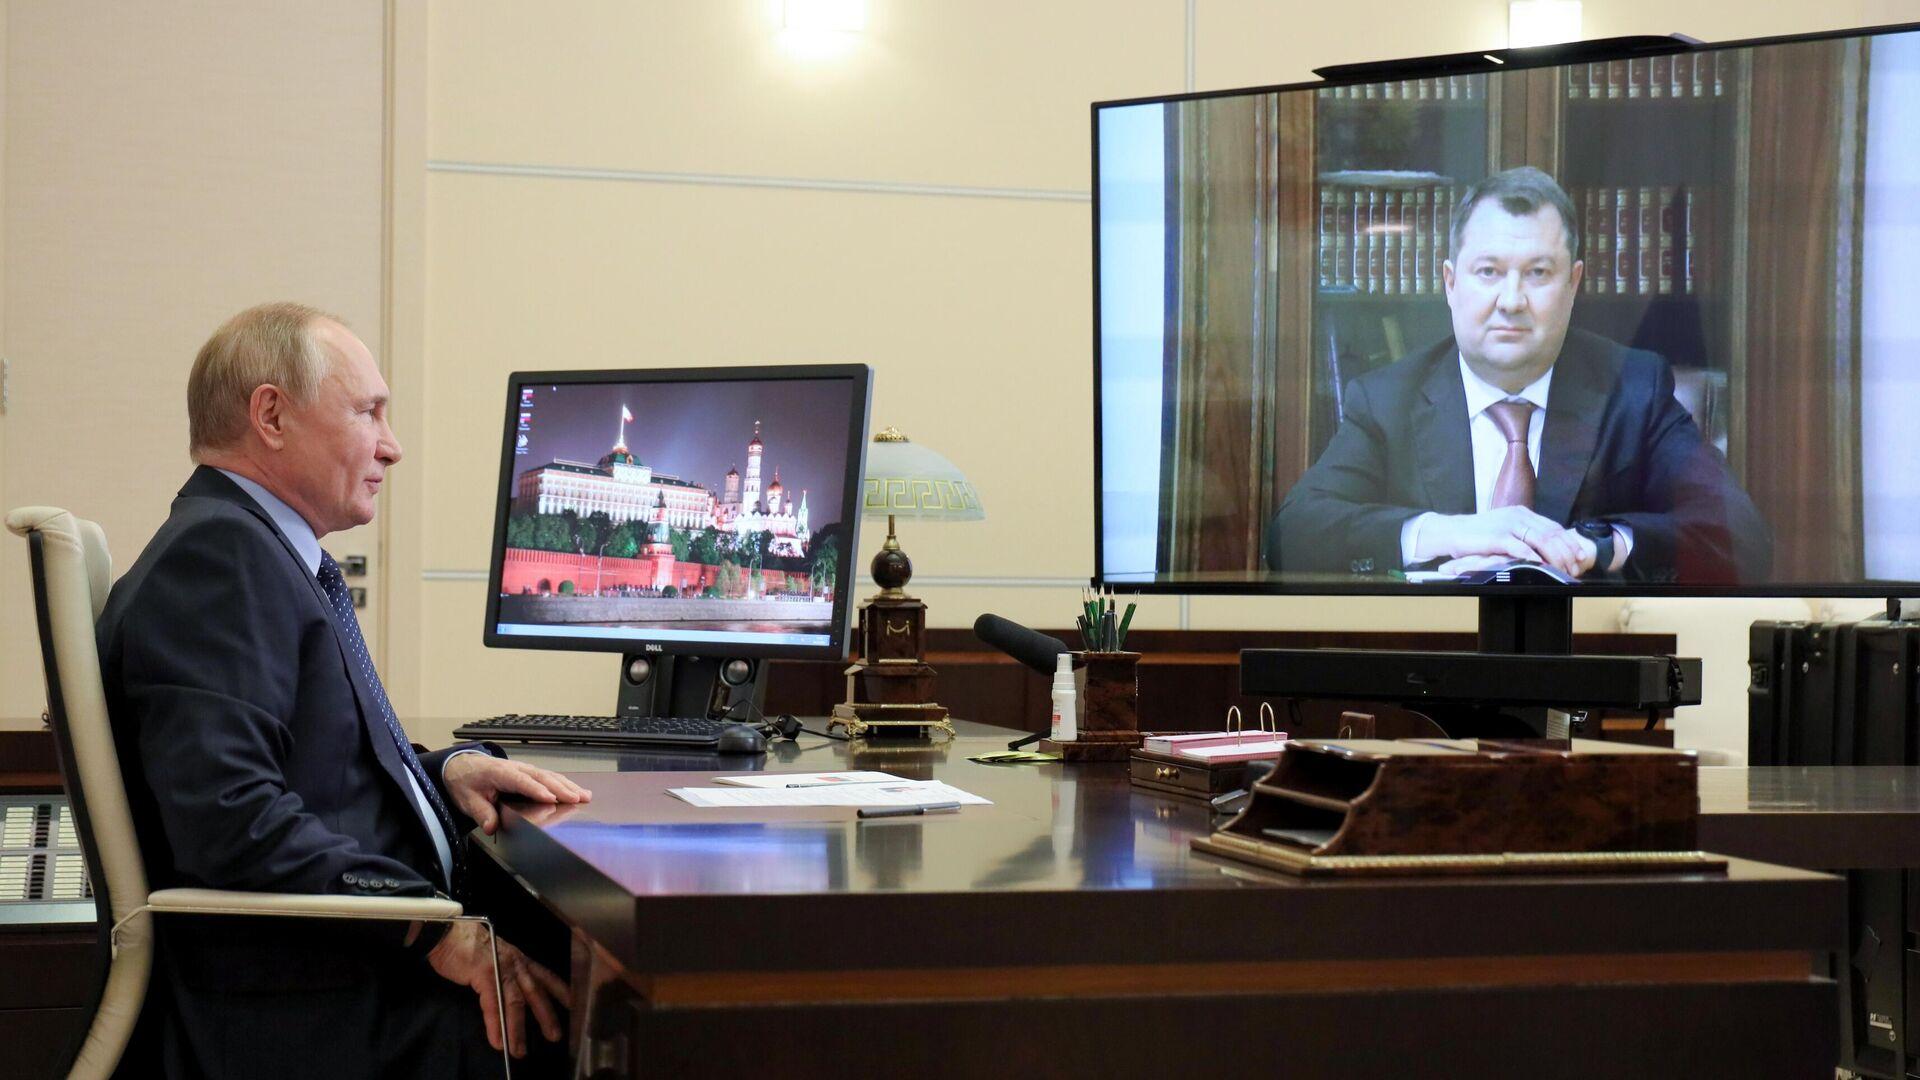 Президент РФ Владимир Путин проводит в режиме видеоконференции встречу с временно исполняющим обязанности губернатора Тамбовской области Максимом Егоровым - РИА Новости, 1920, 04.10.2021